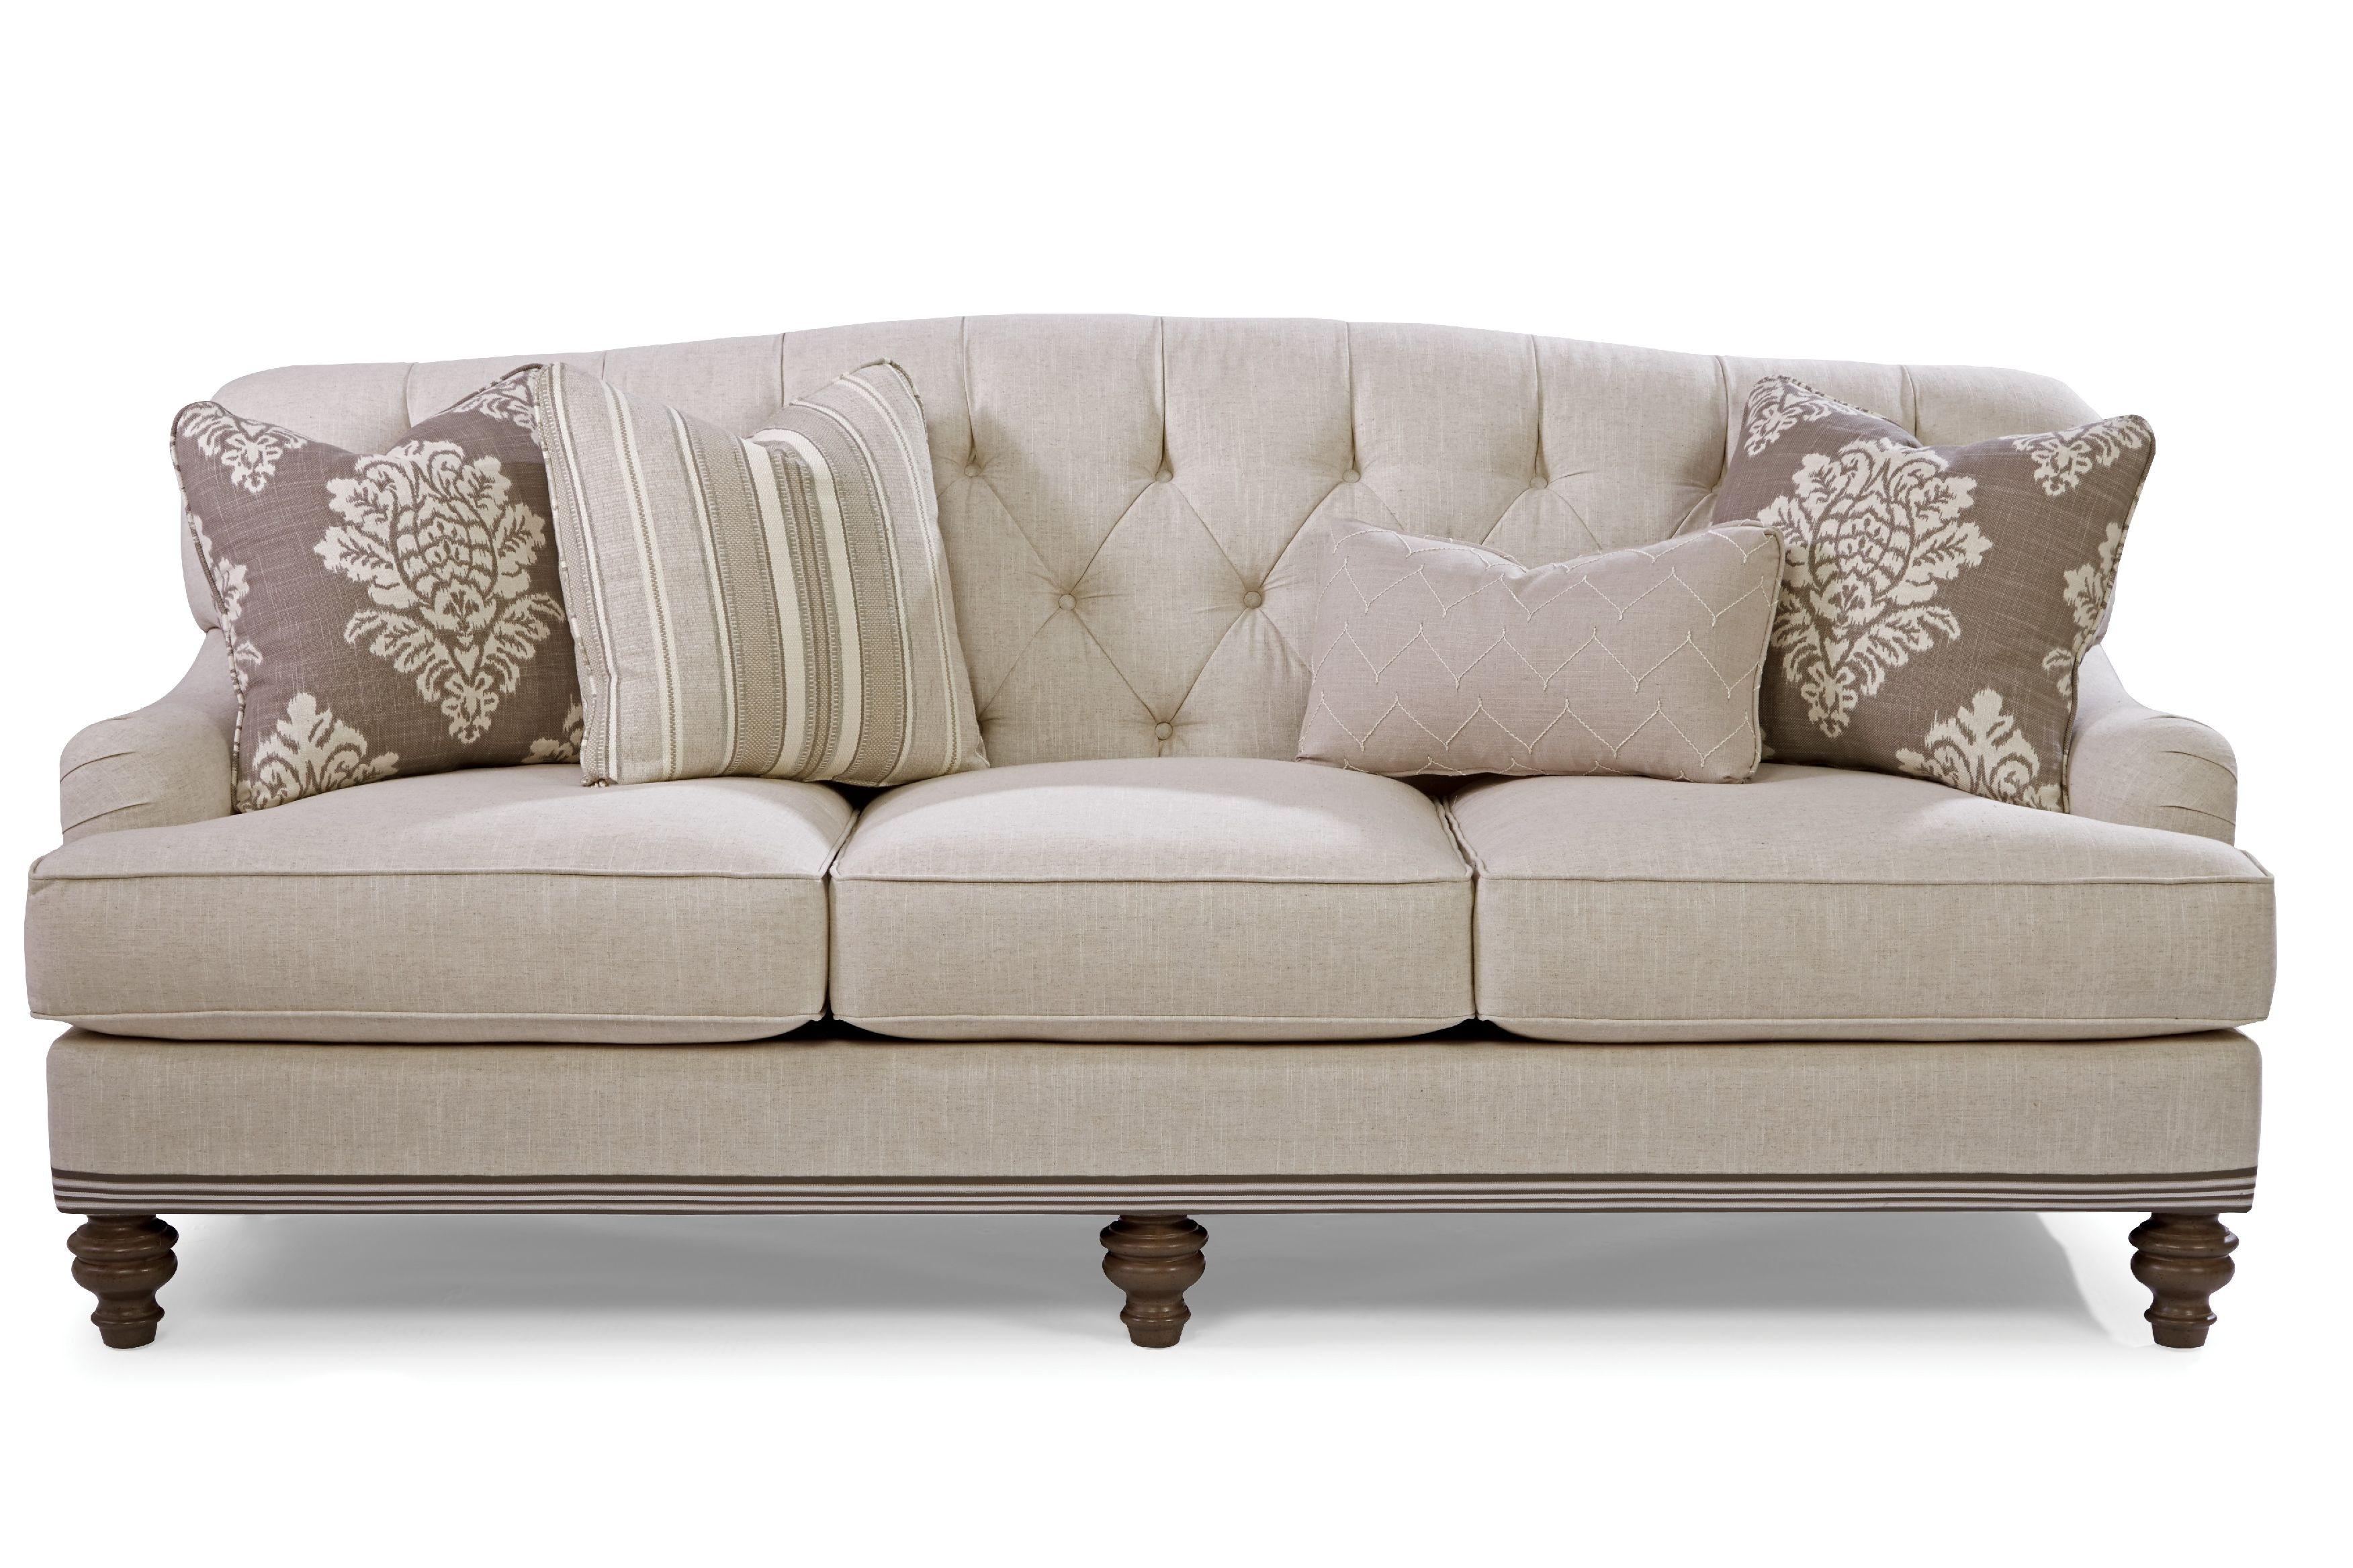 Elegant Paula Deen Dogwood Sofa ST:438485